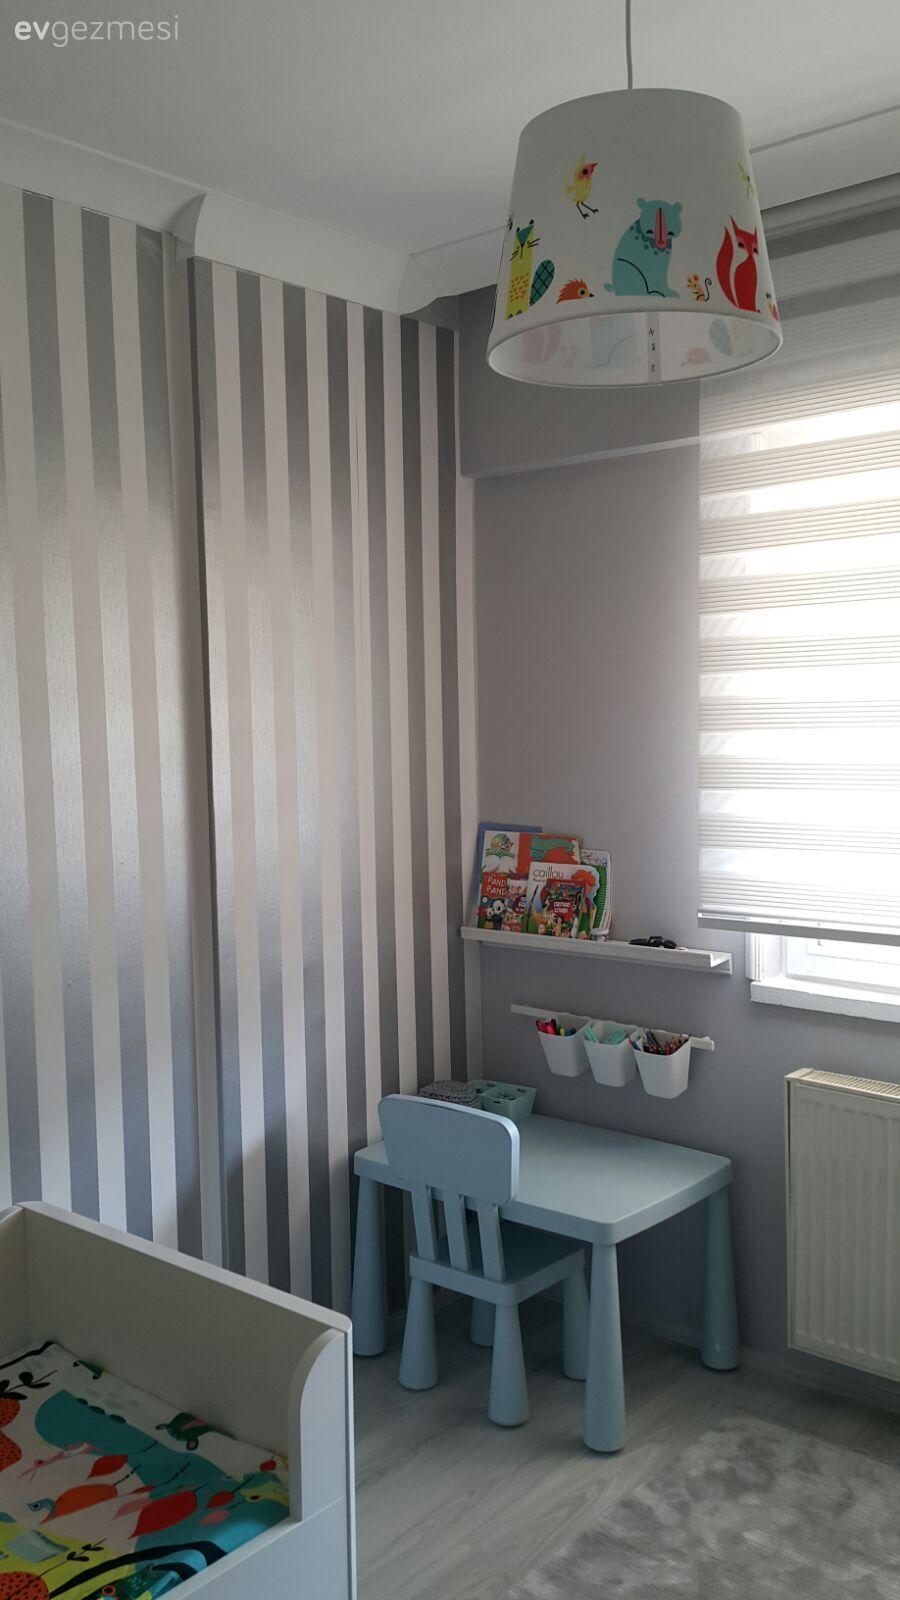 Dorukun anne ve babasının tasarlayıp, el emeği ile yaptıkları odası..